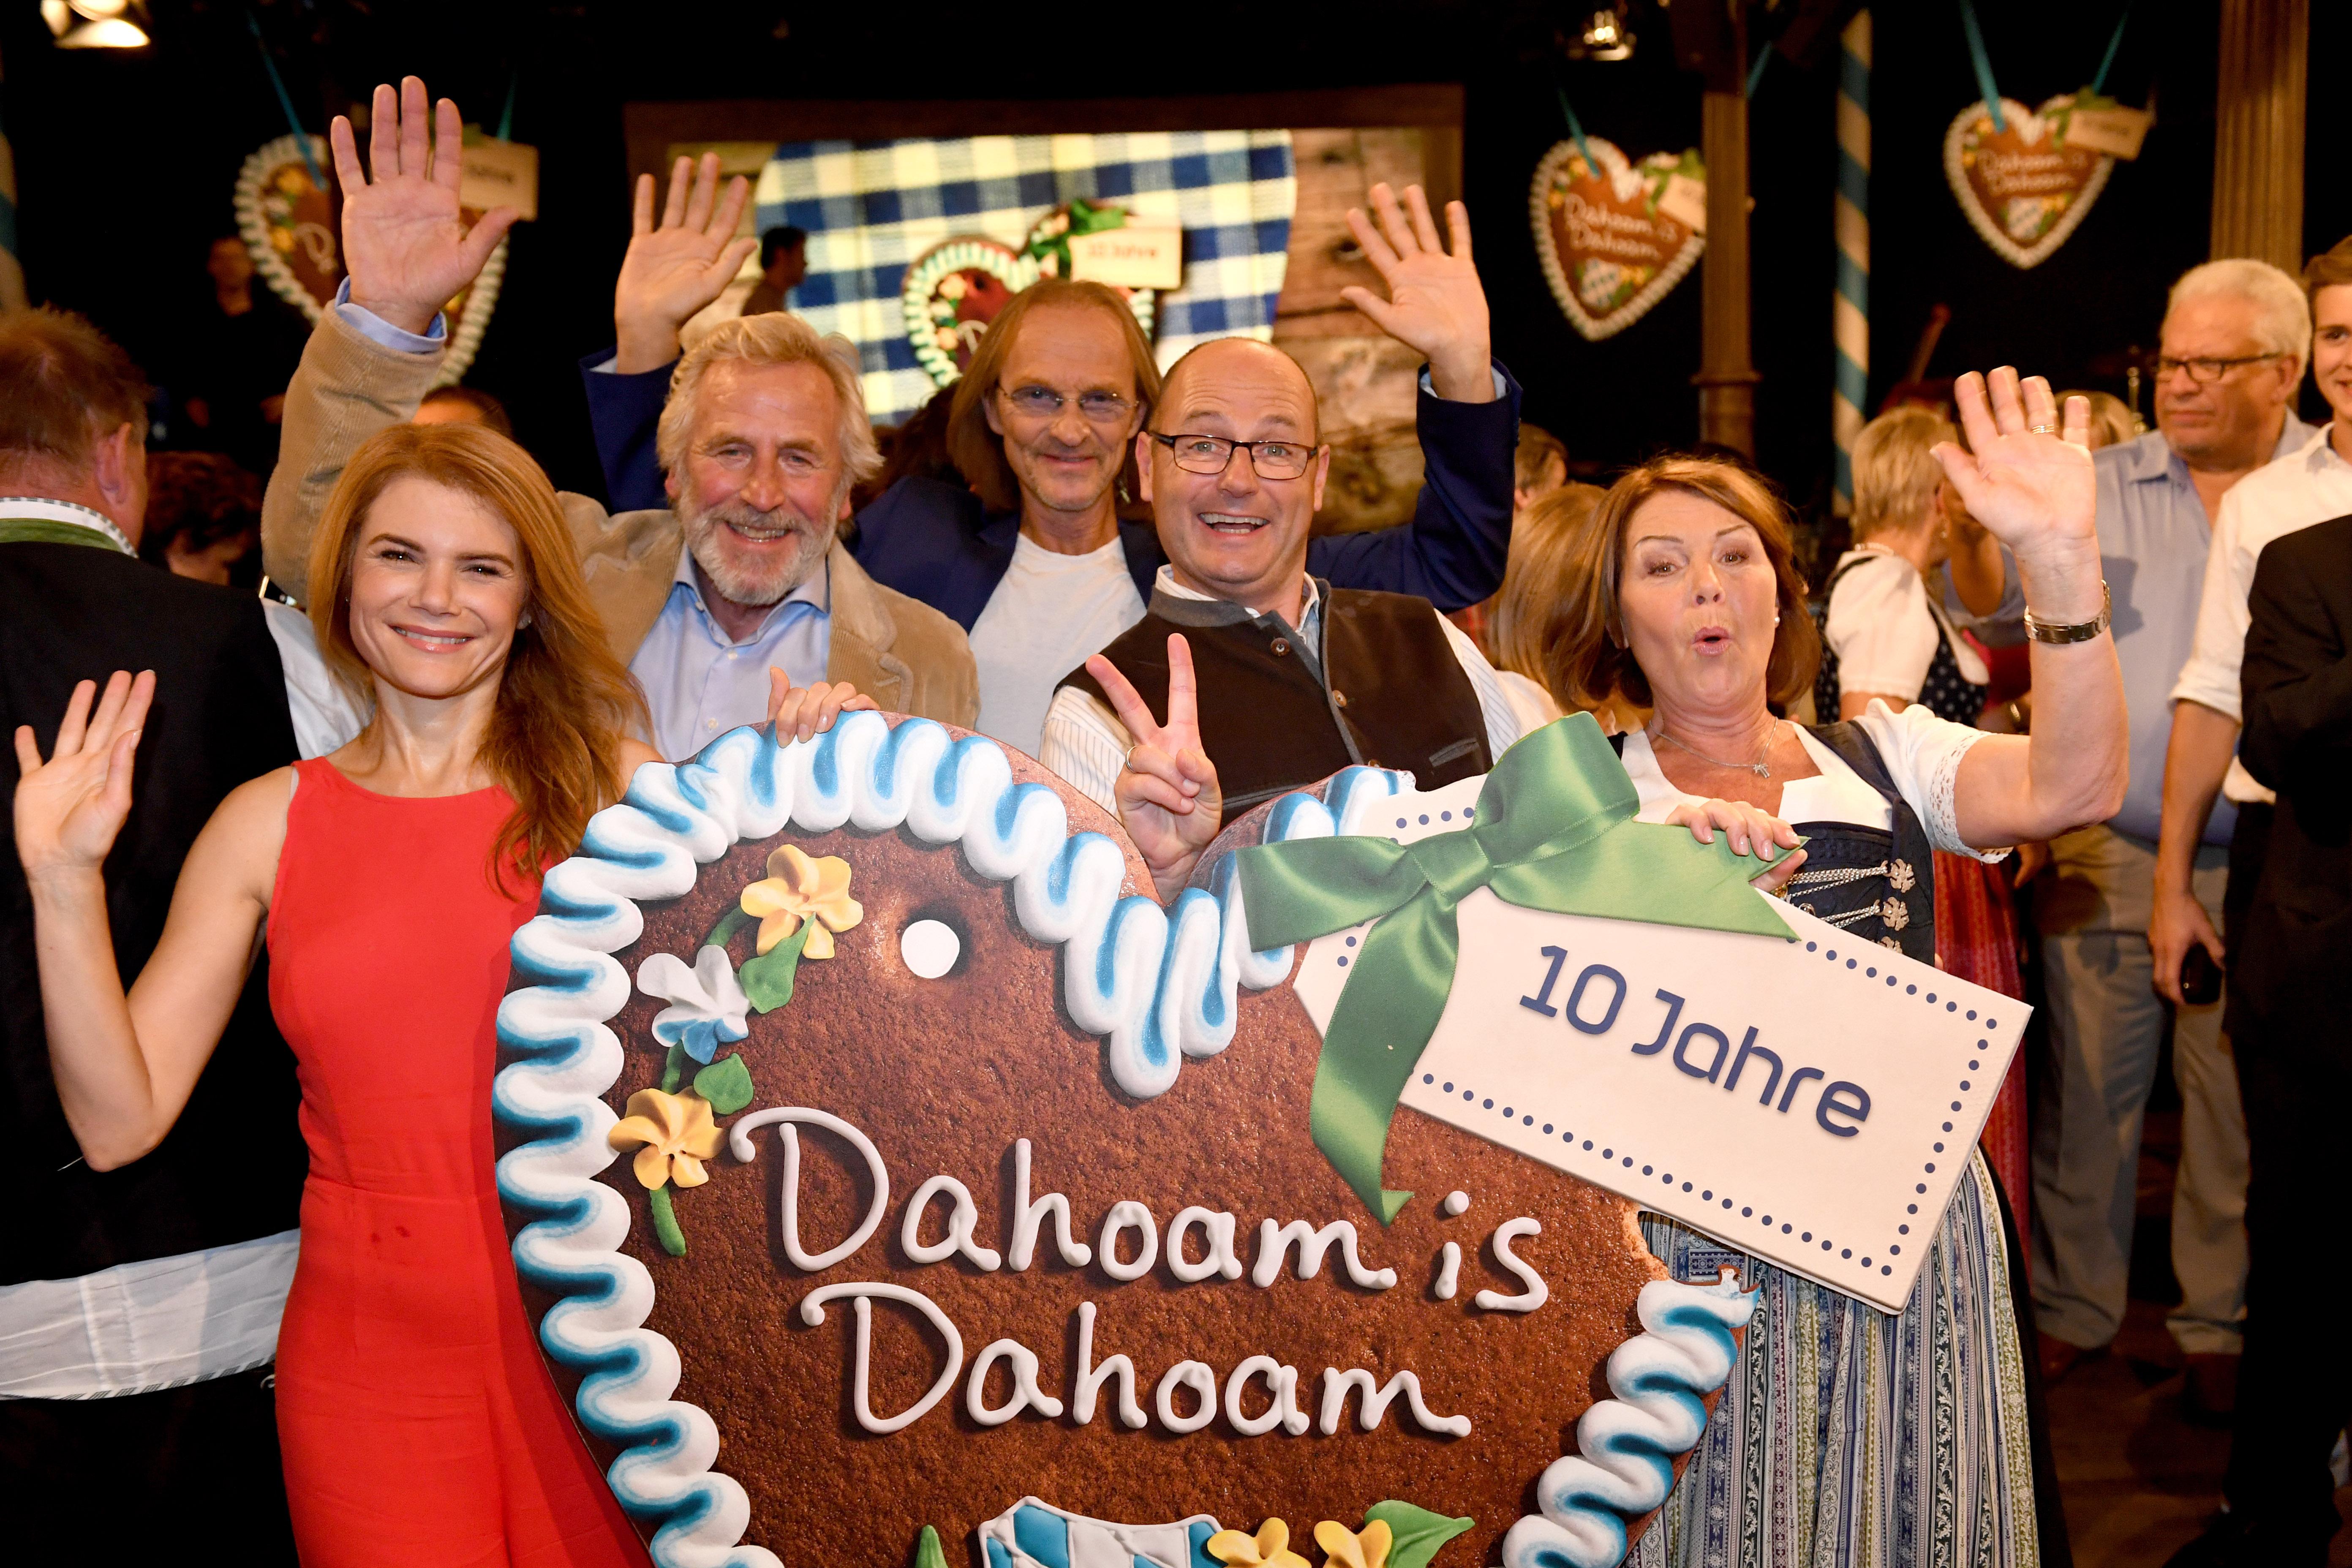 """""""Dahoam is Dahoam""""-Schauspieler wirft plötzlich hin - Fans todtraurig: """"Wirst uns mega fehlen"""""""